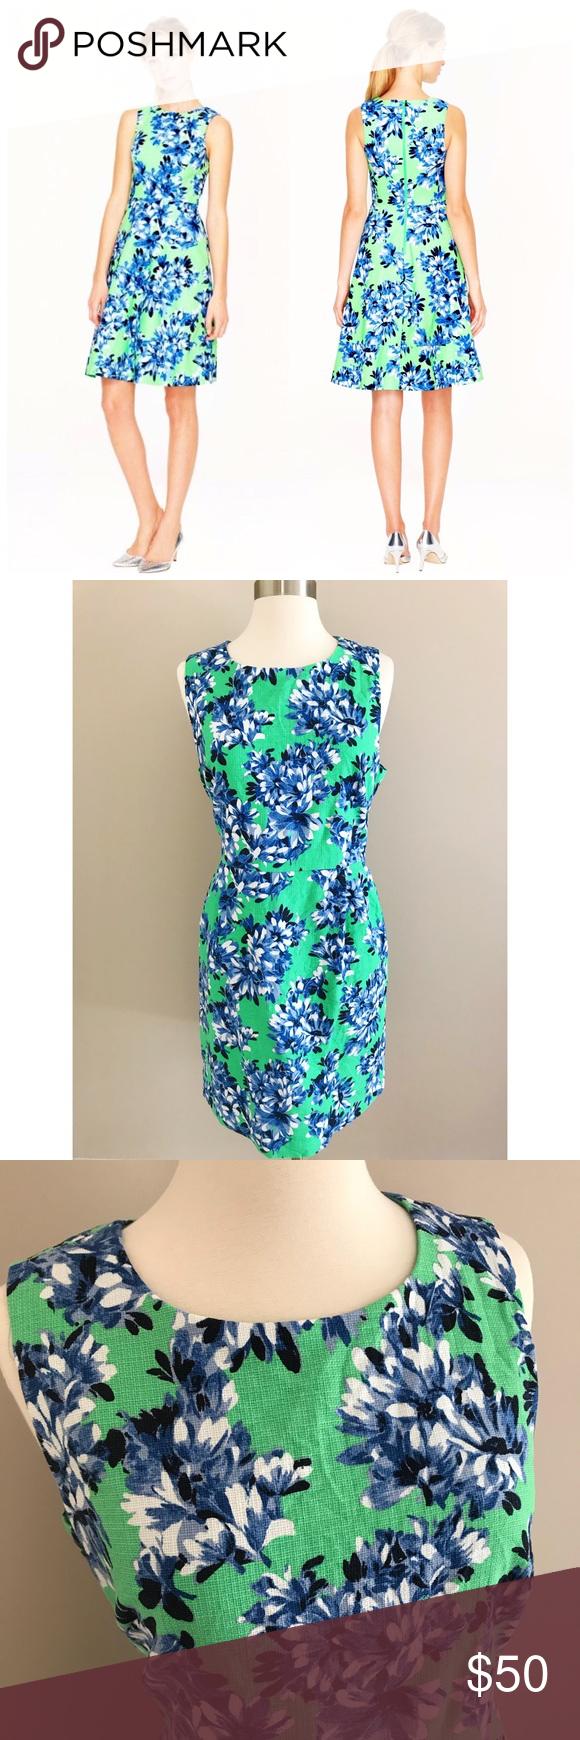 J. Crew Factory• Photo Dress Floral Sheath Cotton